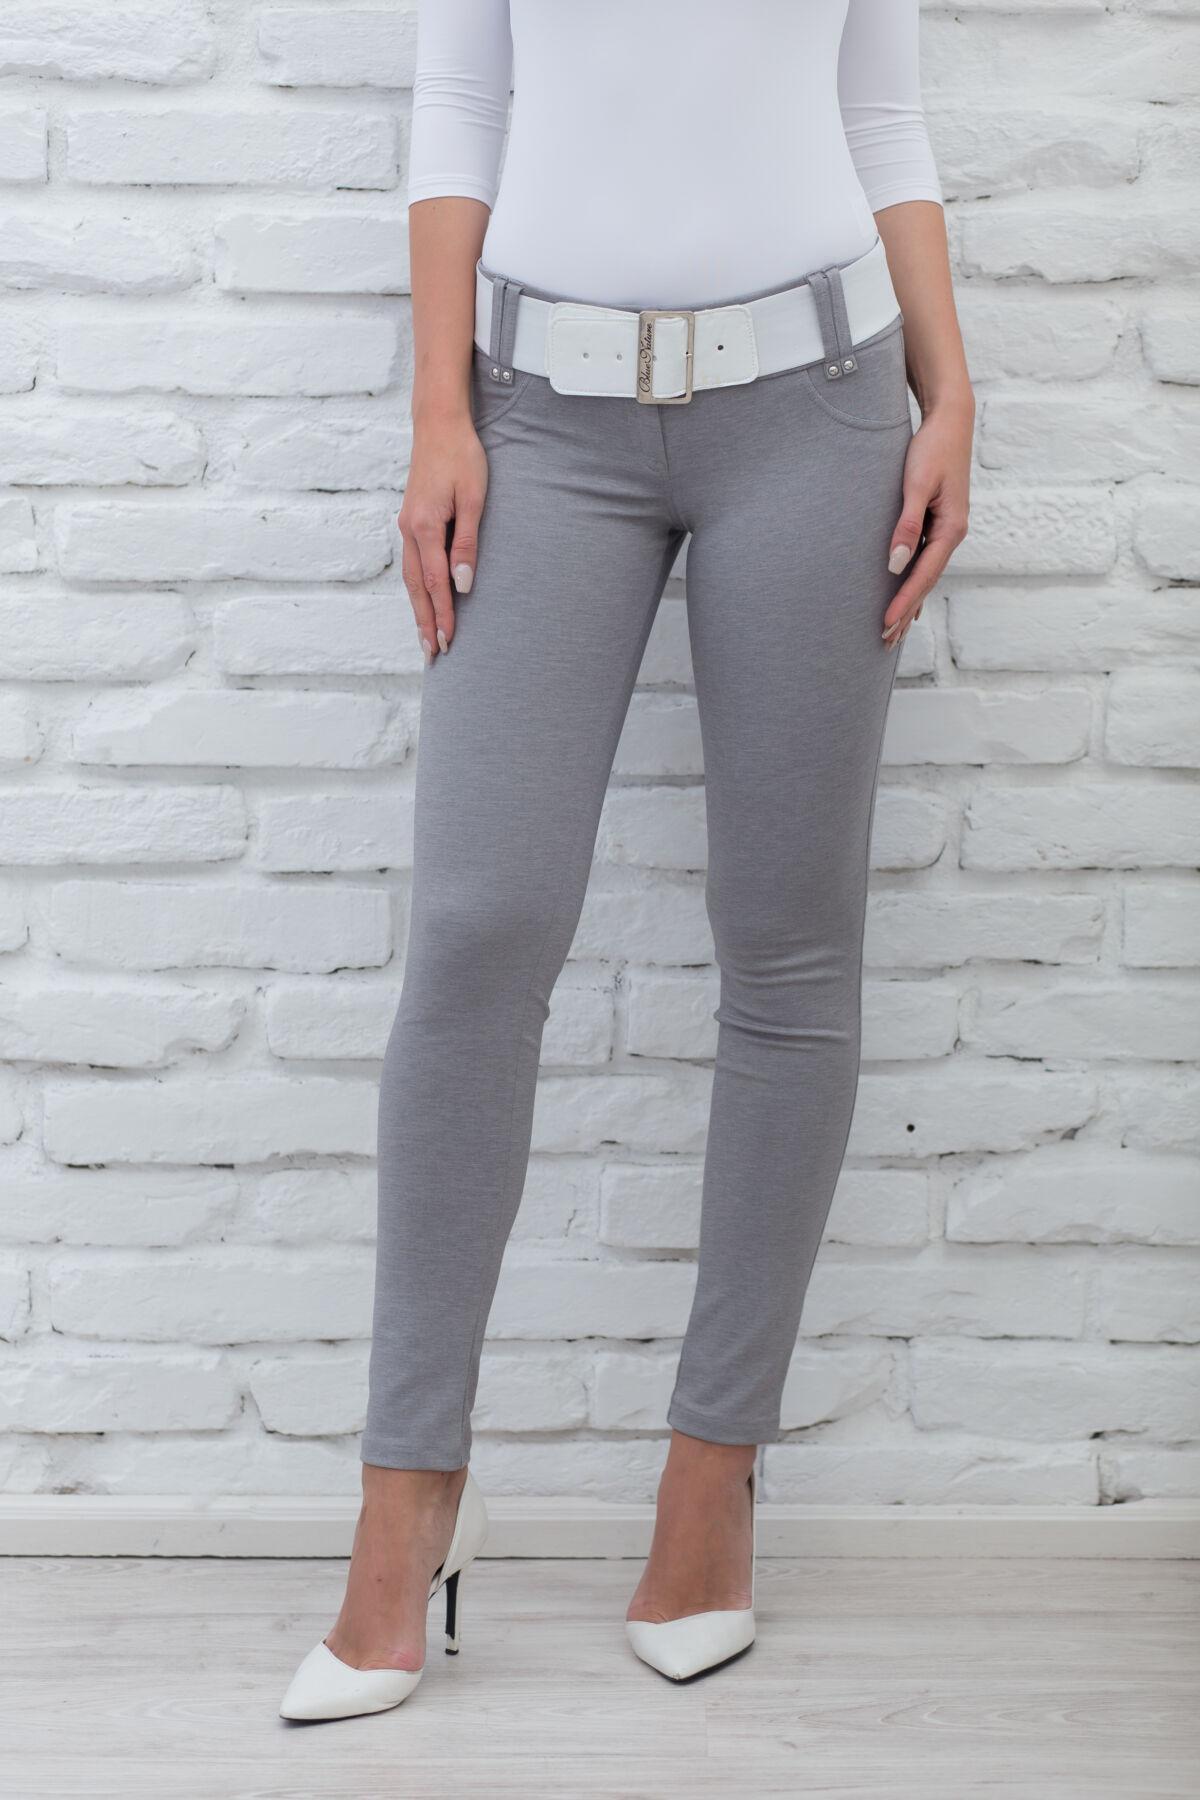 0ab3d548ef Öves puntó nadrág (elasztikus) szürke - Nadrágok, szoknyák - Blue ...